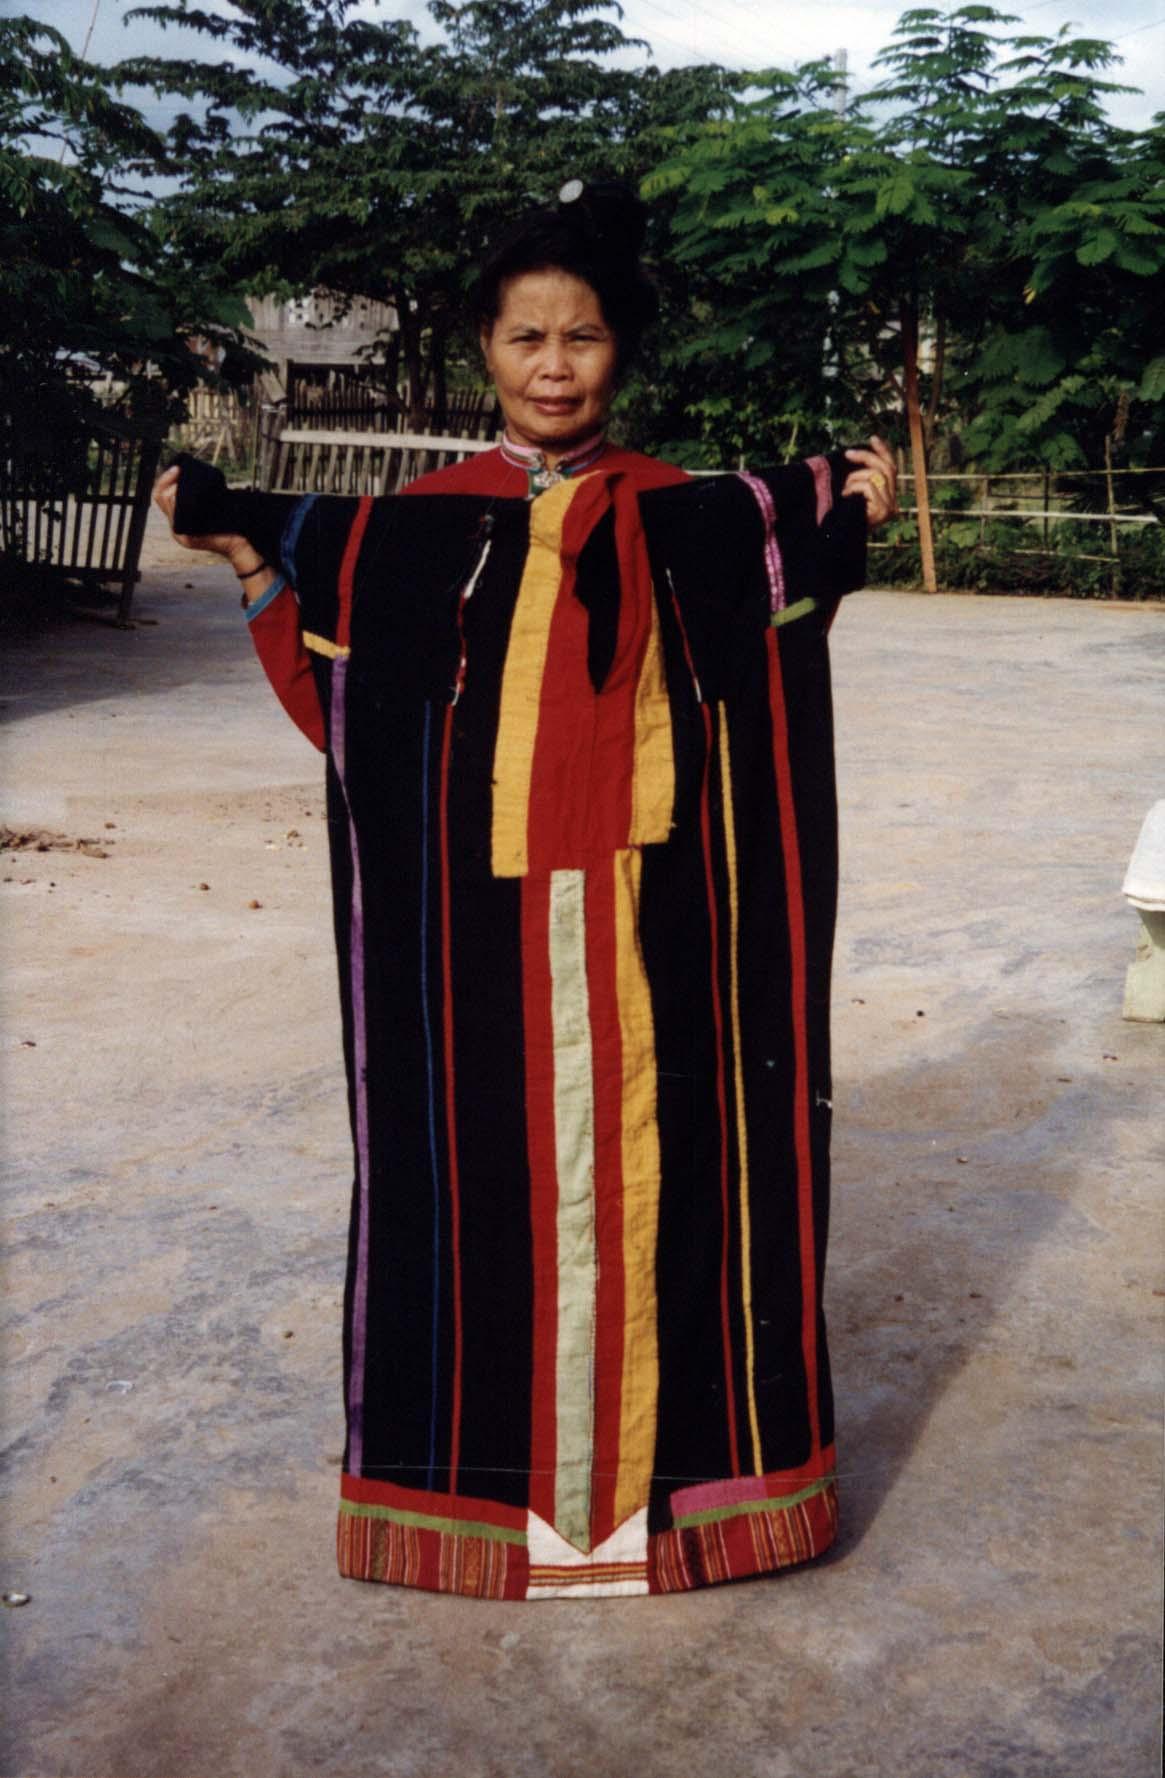 หญิงไทดำแสดงเสื้อฮี (ยาว)